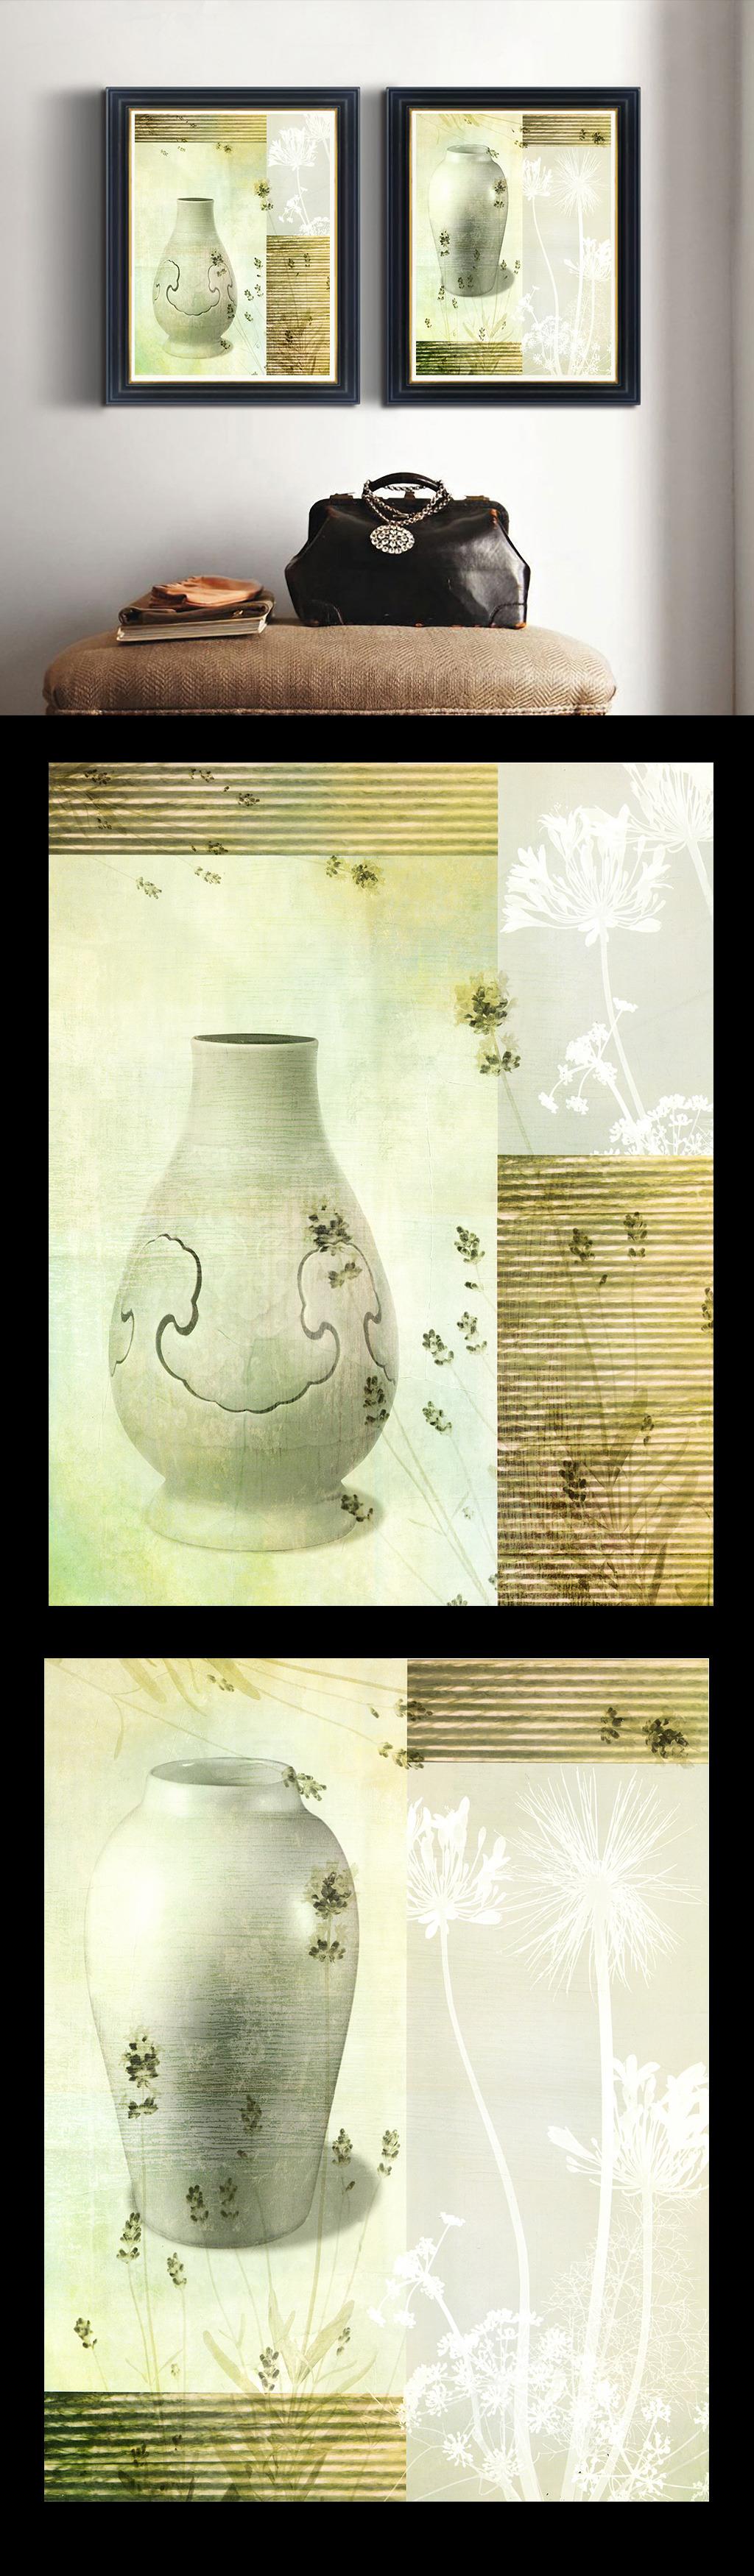 高清手绘现代写意风格做旧陶瓷油画